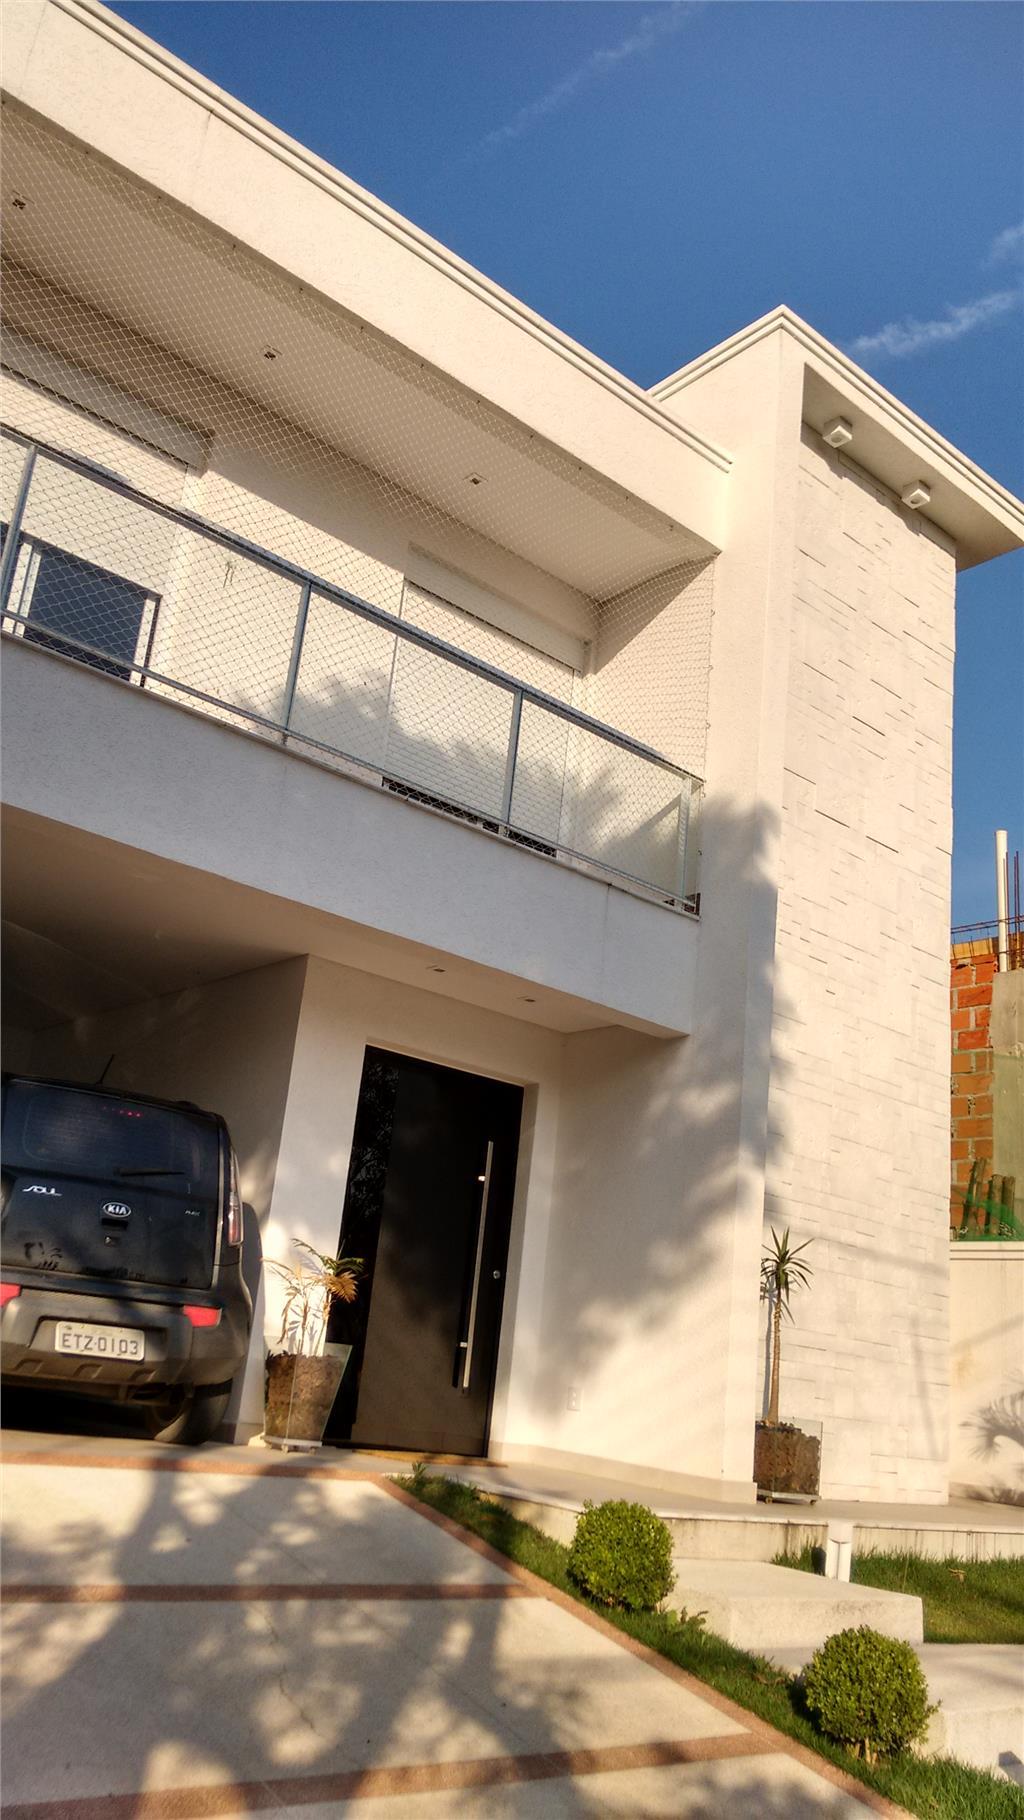 Sobrado de 4 dormitórios à venda em Fazenda Rincao, Arujá - SP